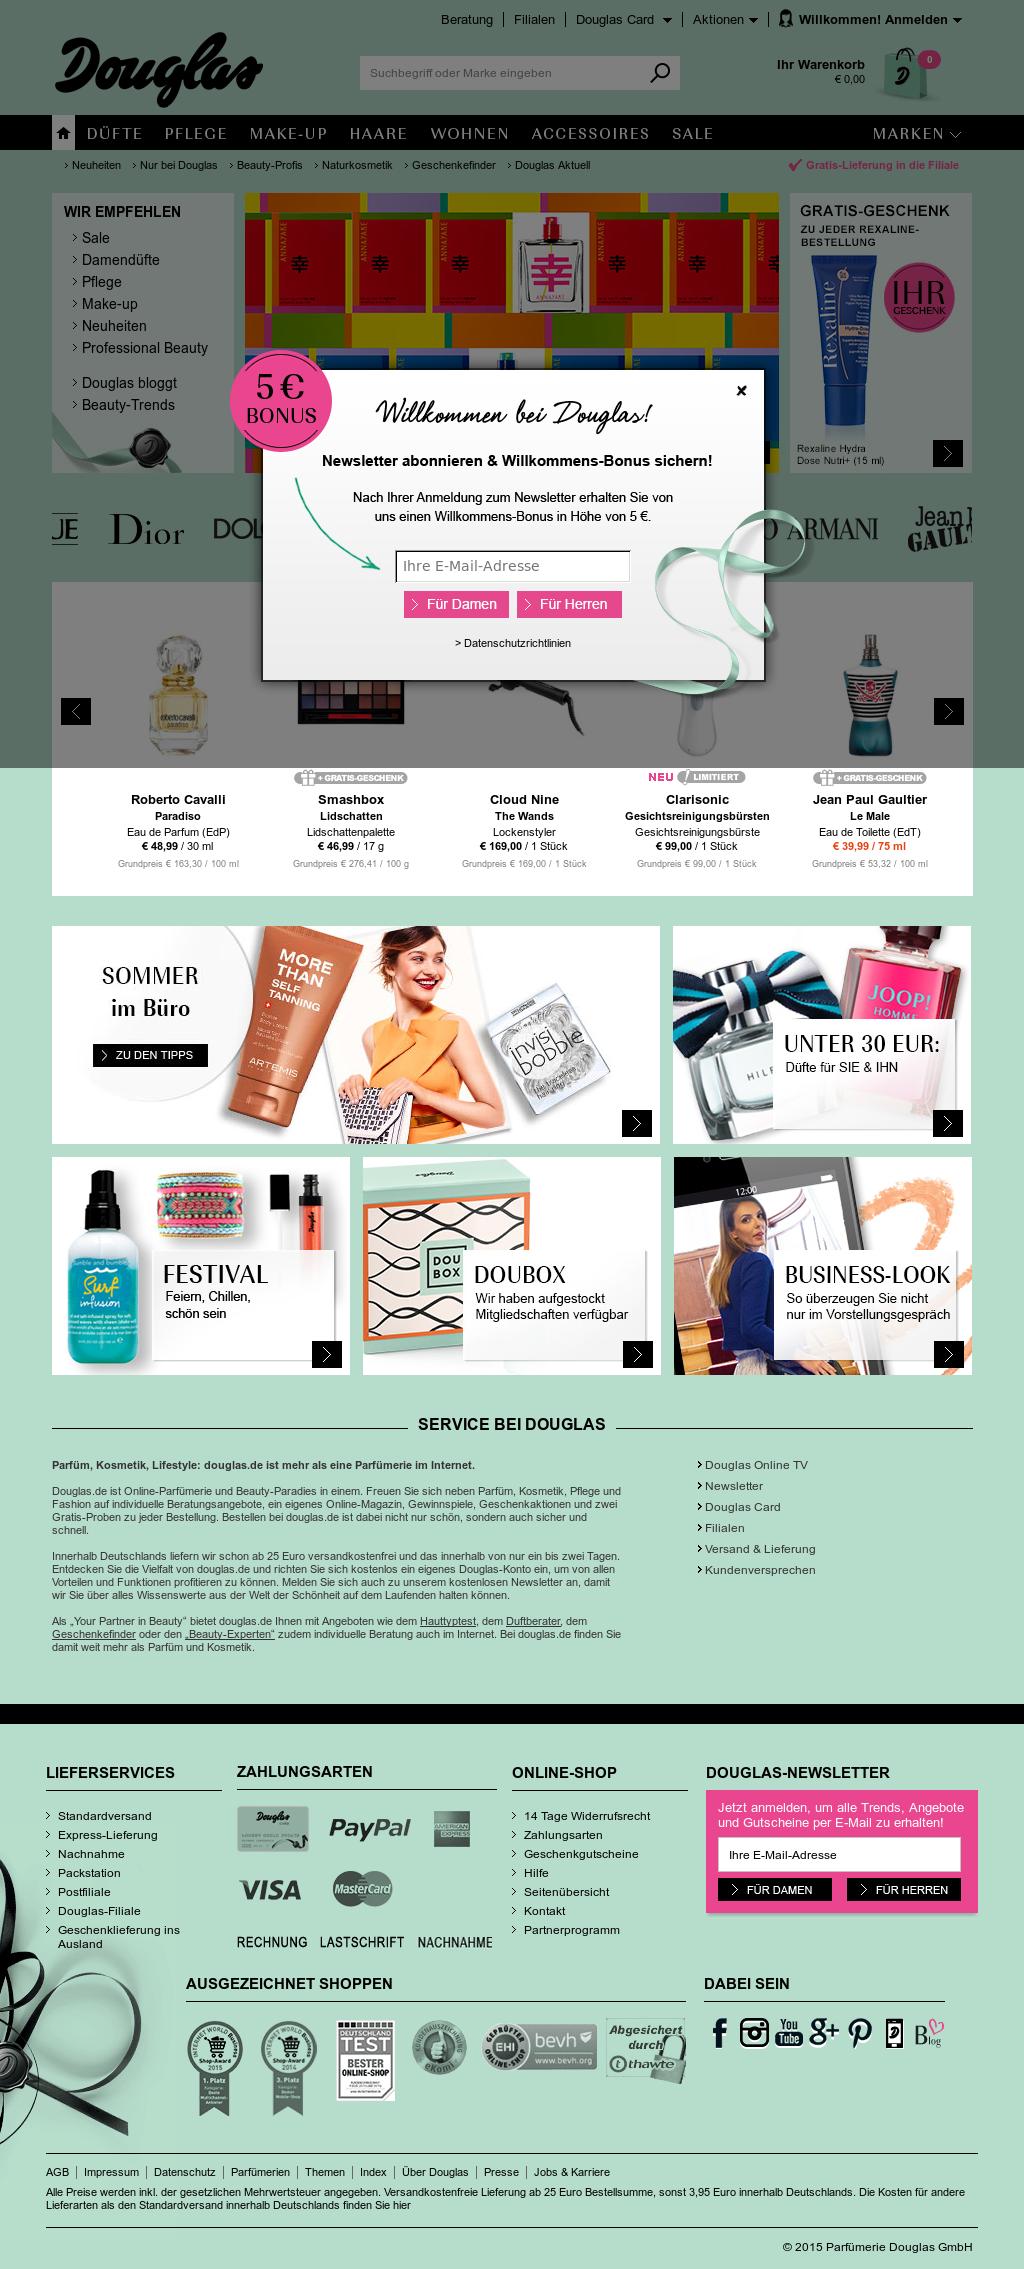 mac cosmetics gewinnspiel 2019 douglas